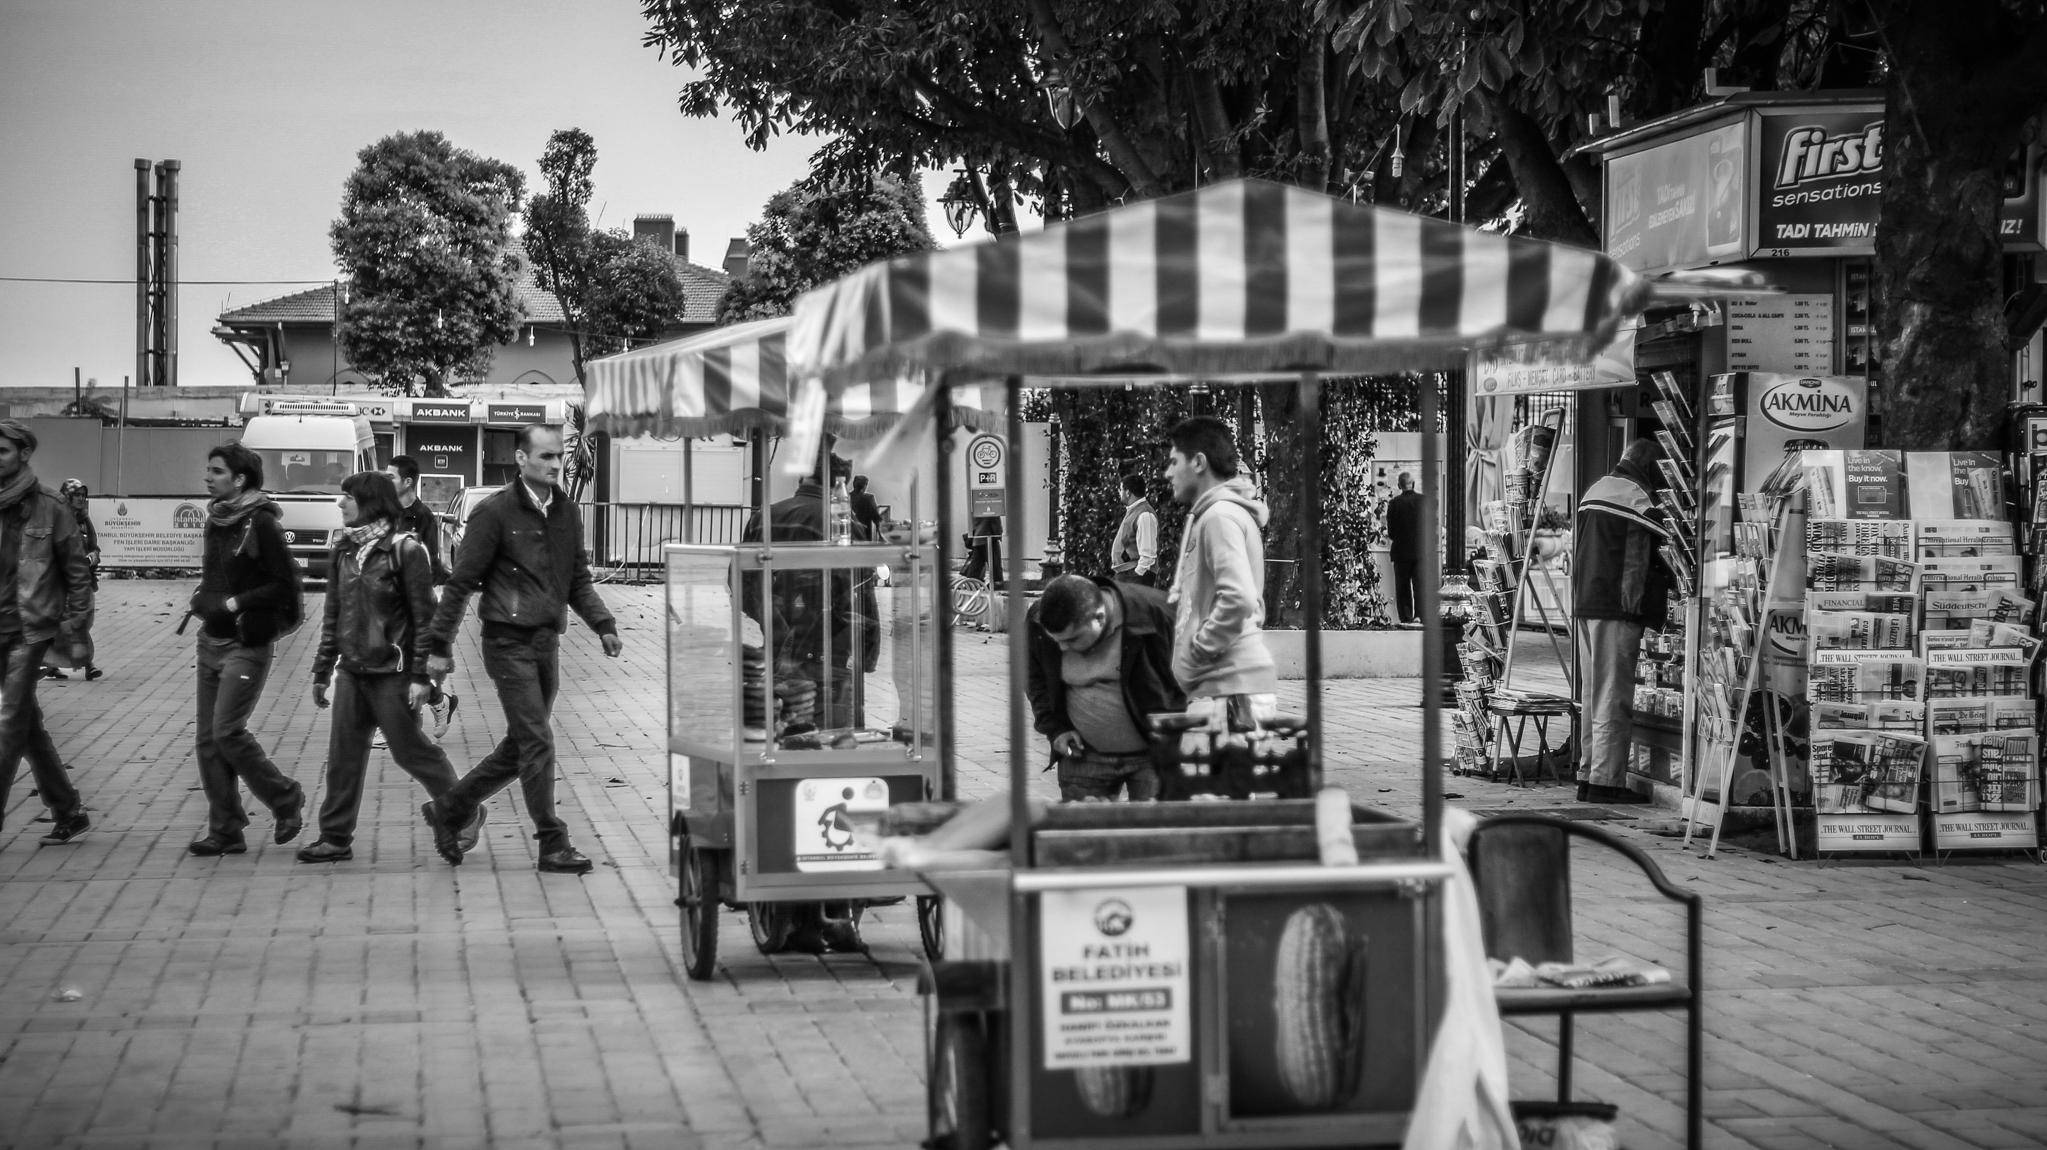 Vendors Outside of the Hagia Sophia